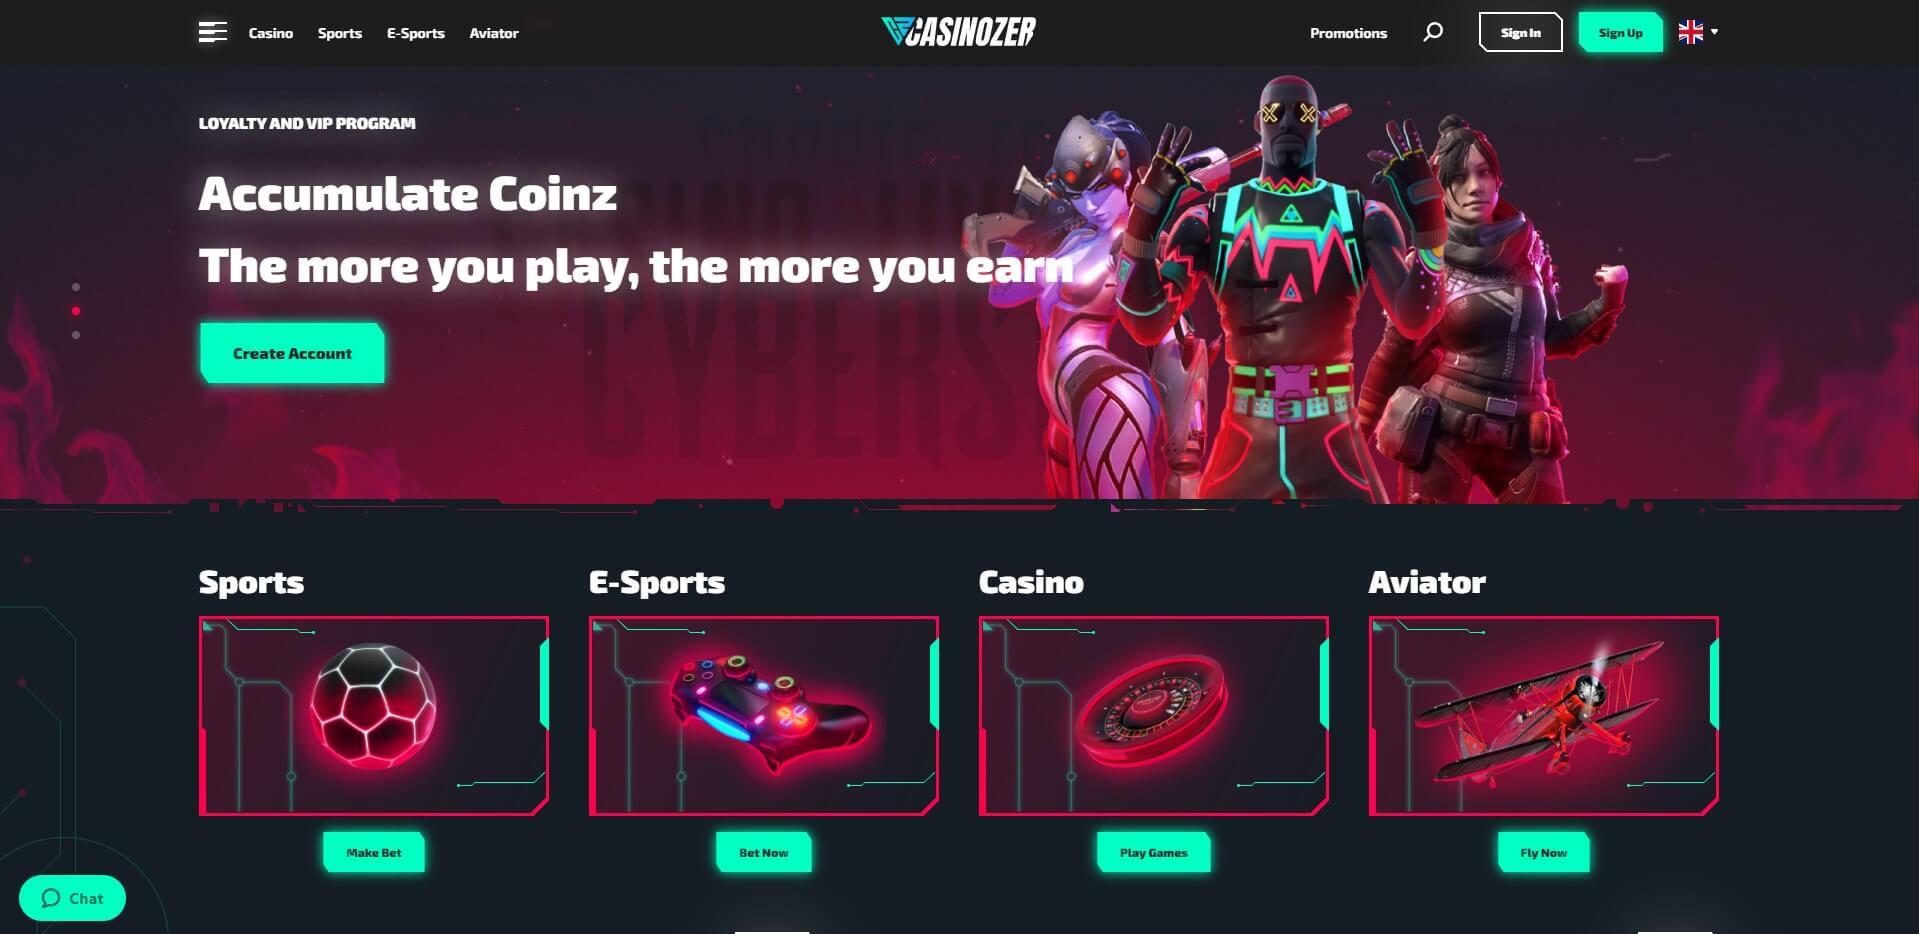 casinozer.com - Website Review